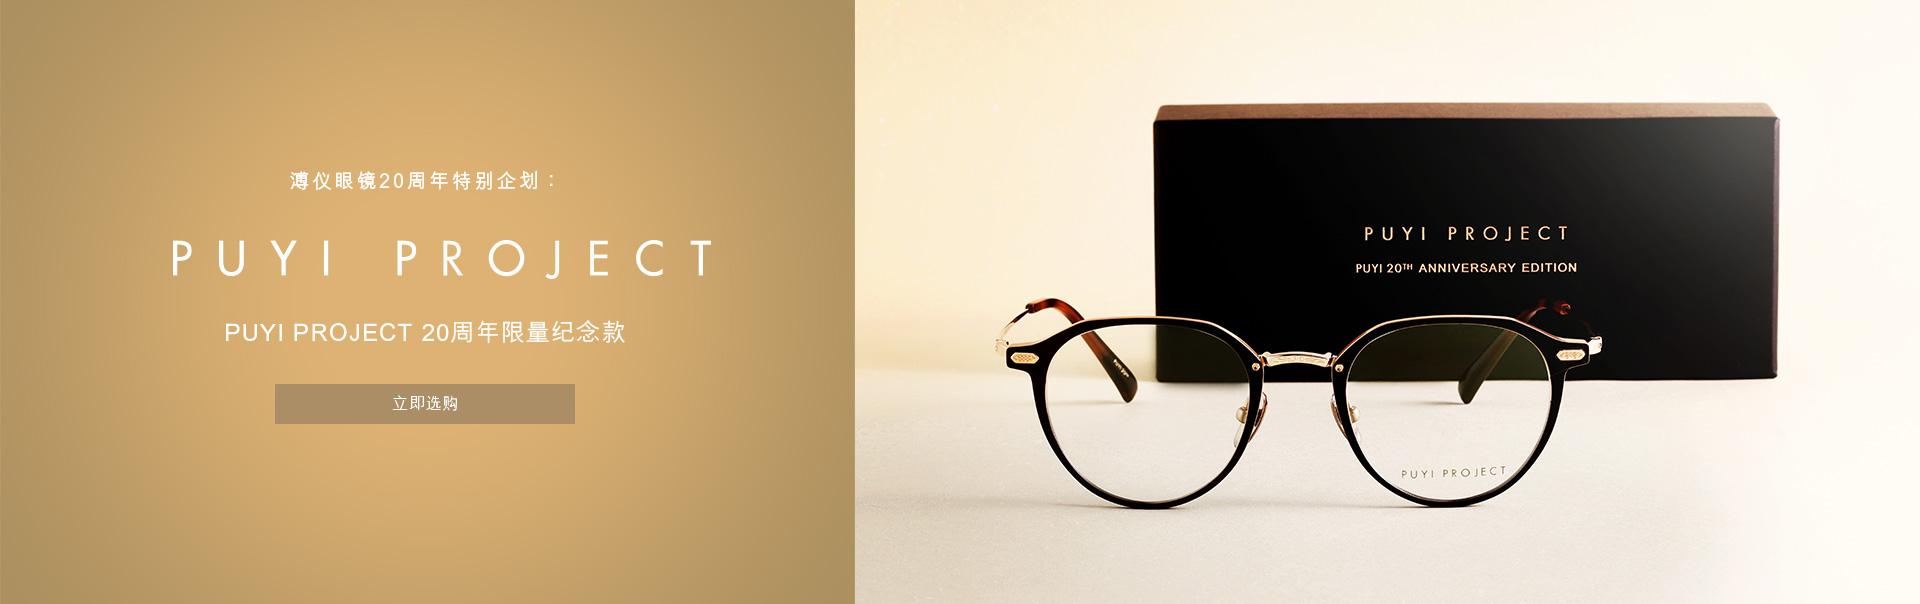 PUYI PROJECT 溥仪眼镜20周年限量纪念款